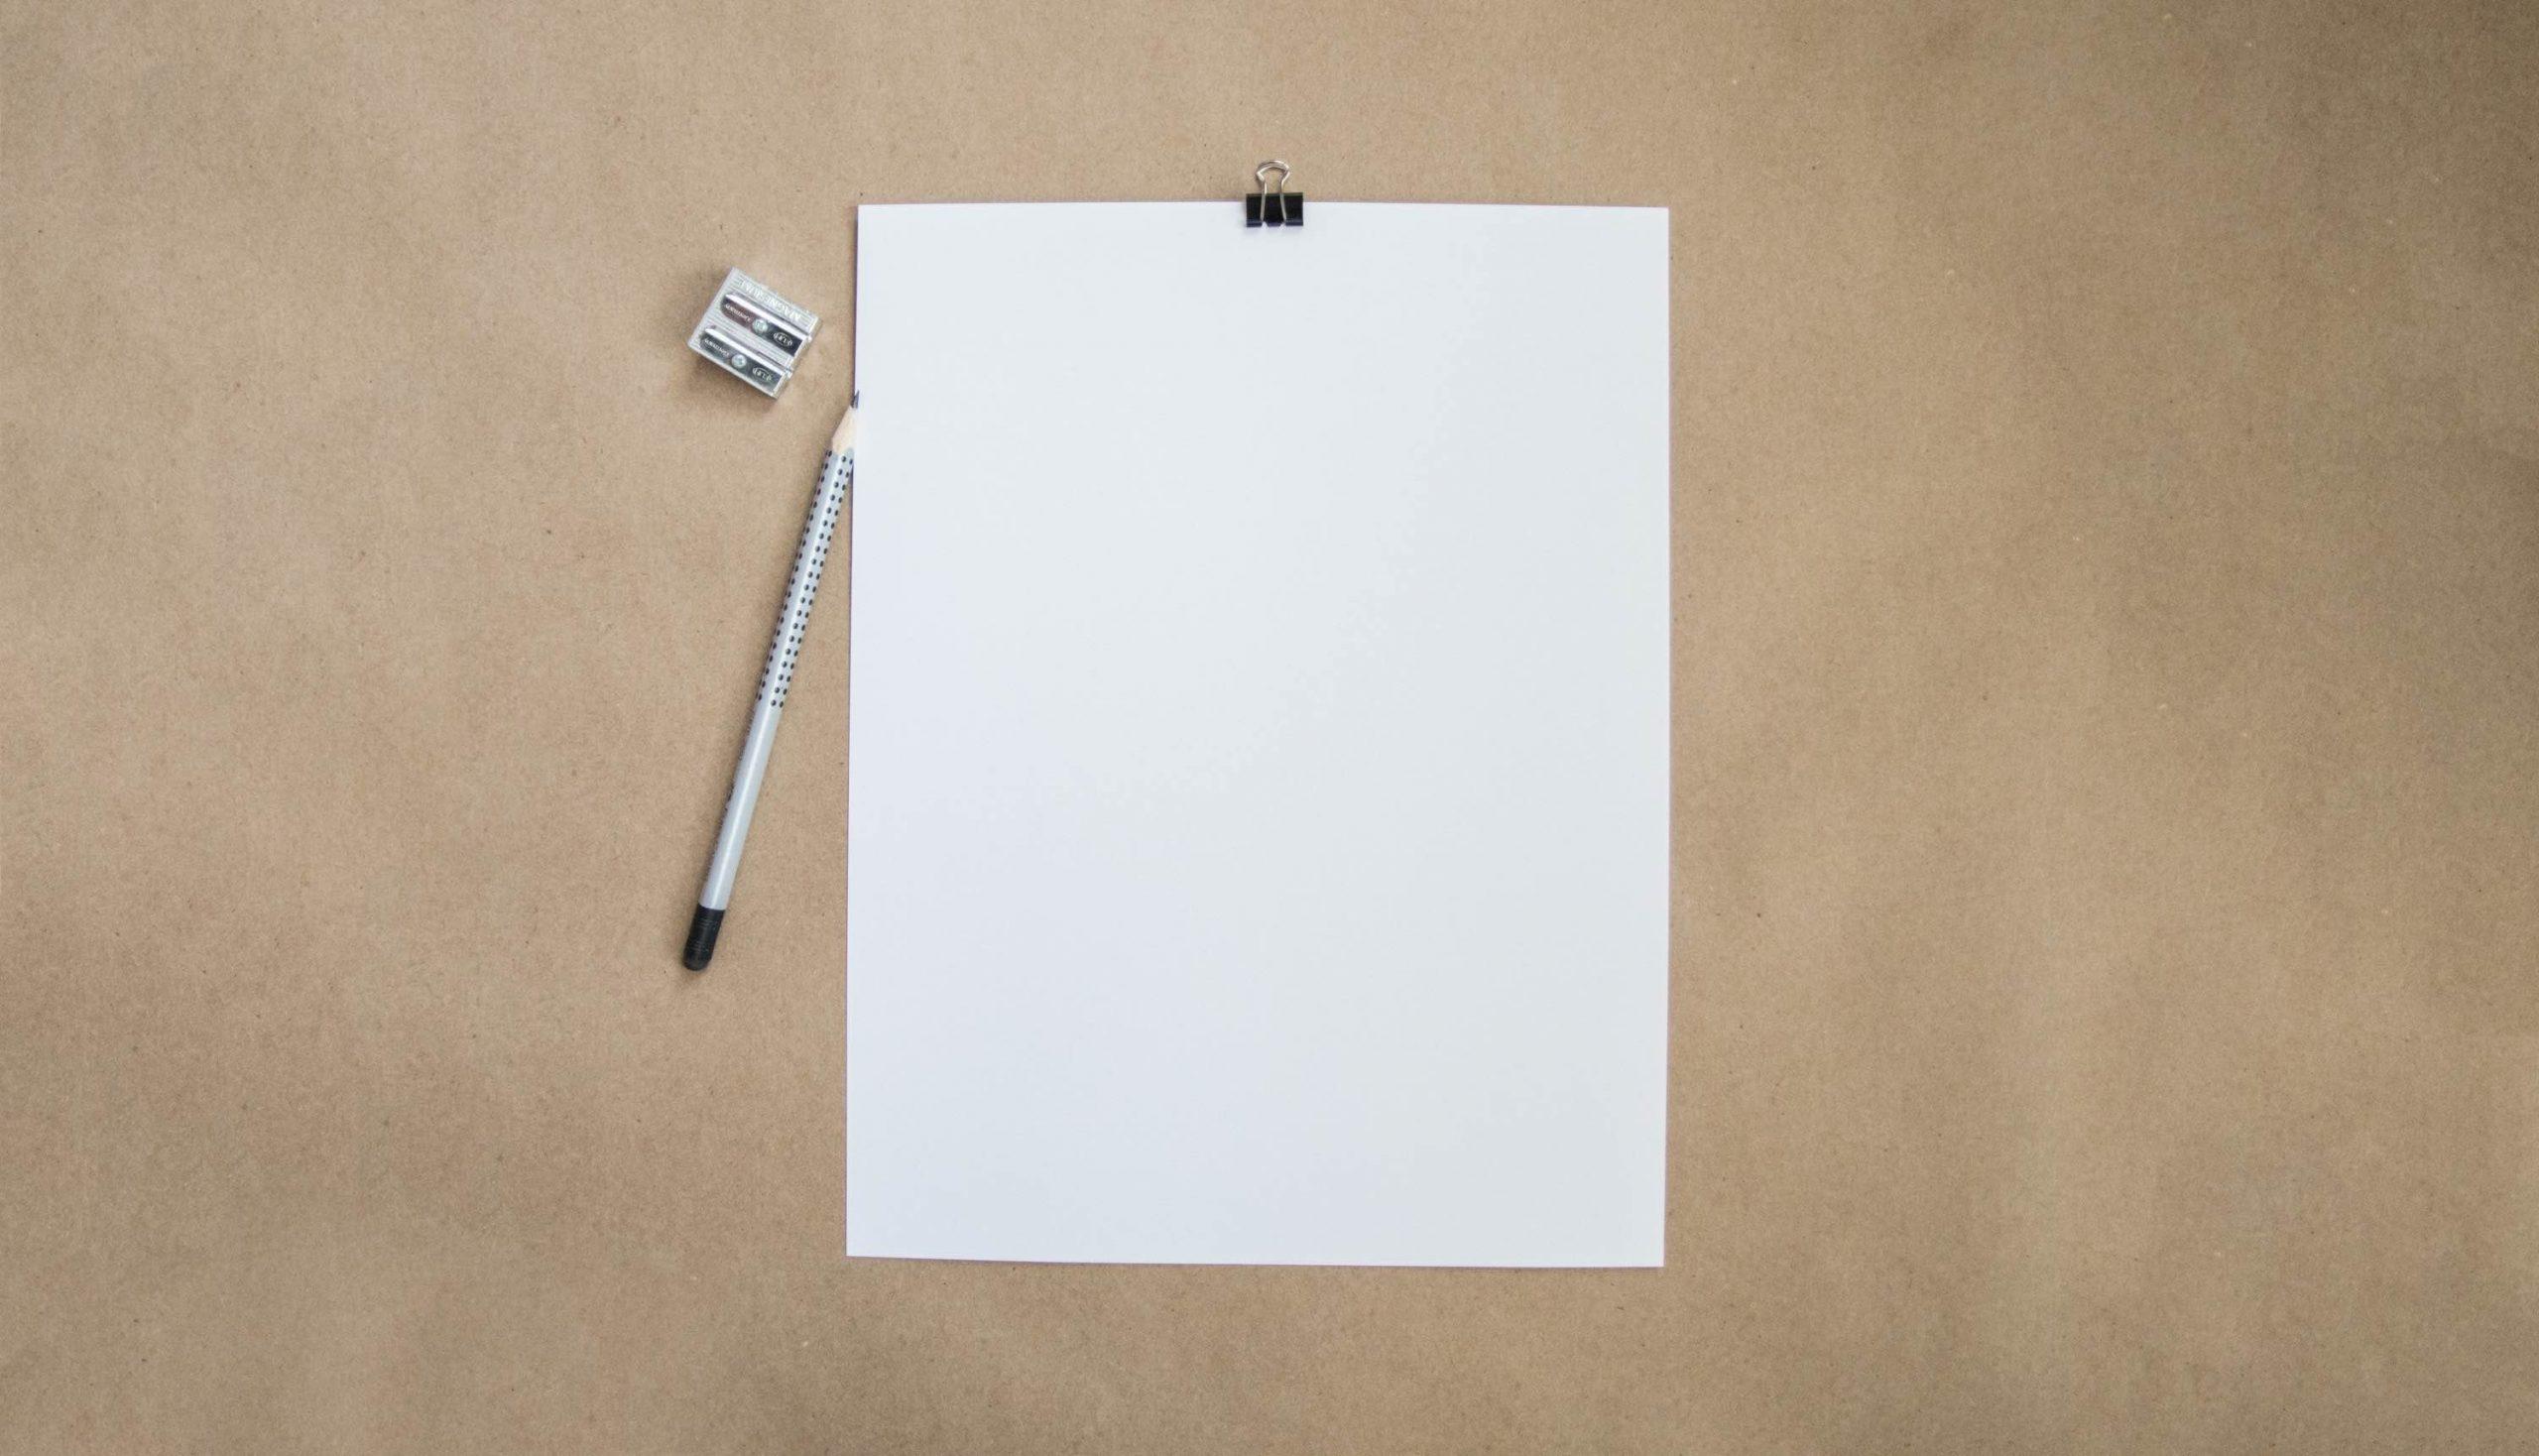 blogconcepten die het daglicht nooit zagen